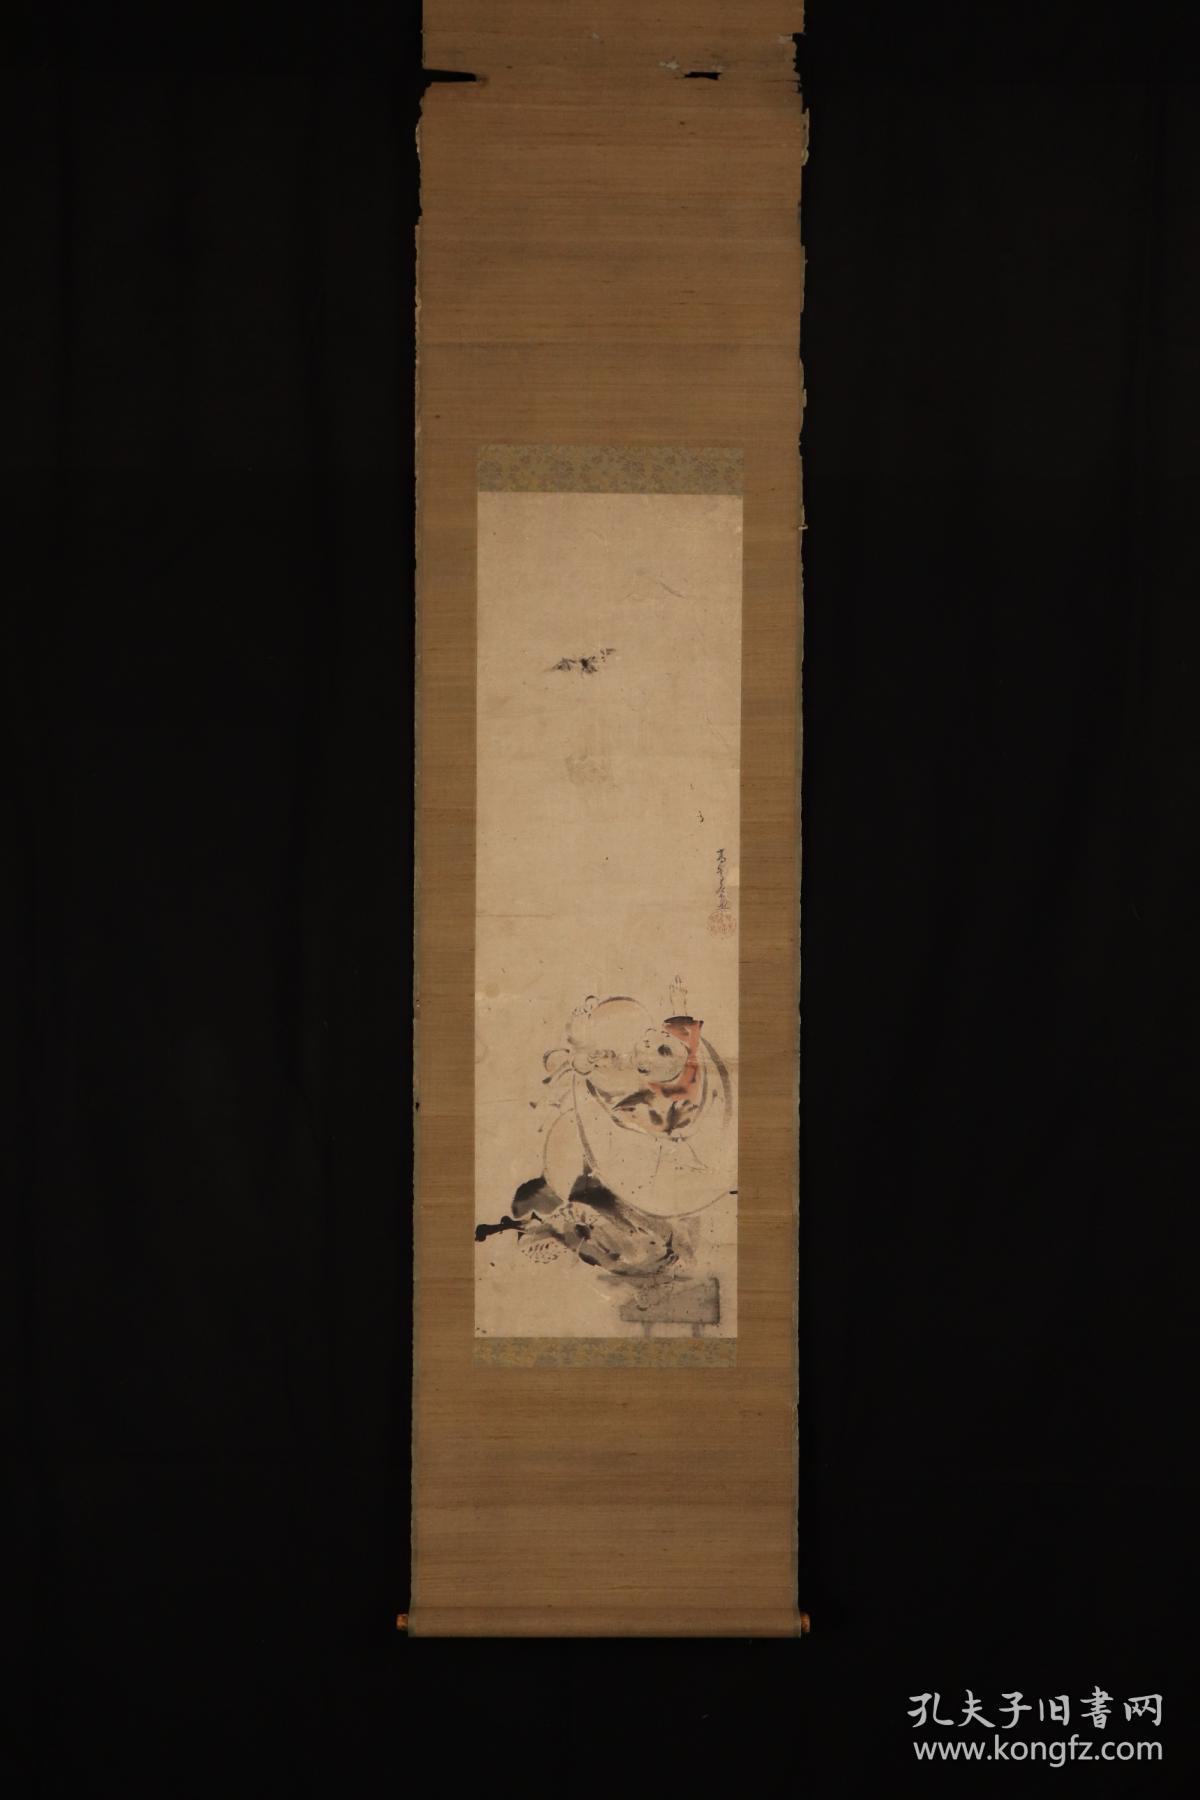 佚名老画《福禄寿》;日本回流字画 日本回流书画